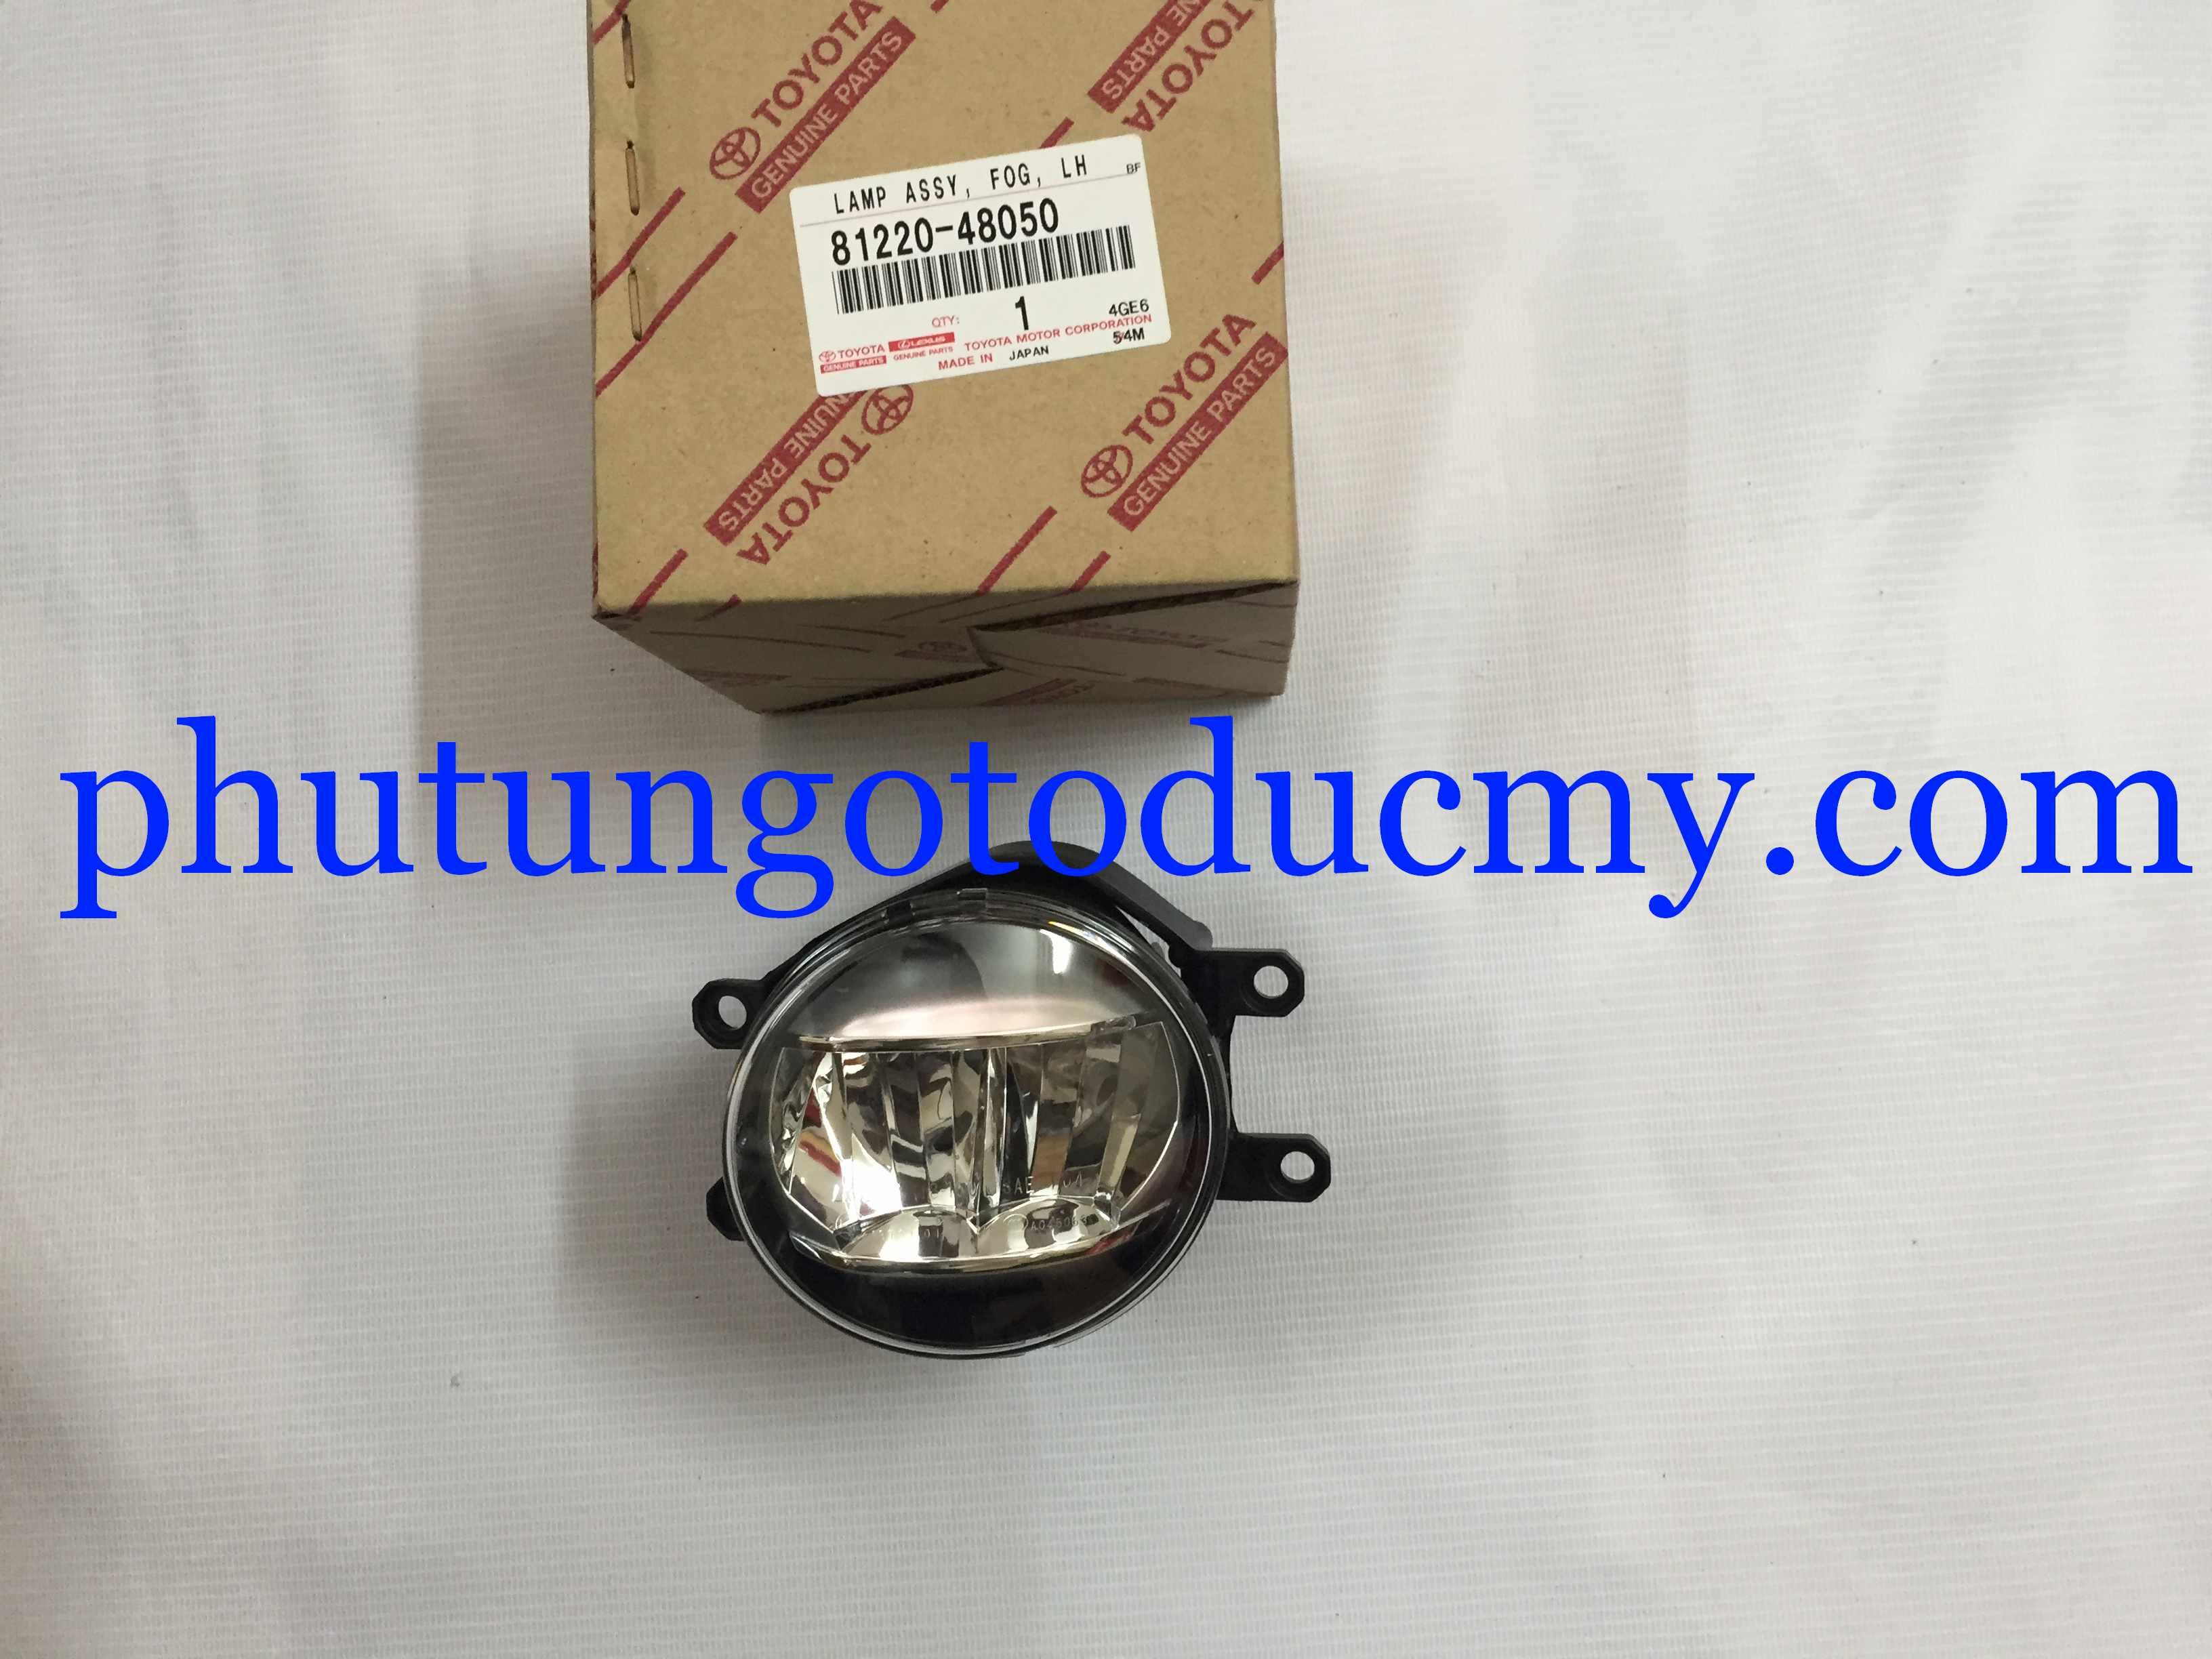 Đèn gầm Lexus LX/RX/GS/IS, 81220-48050